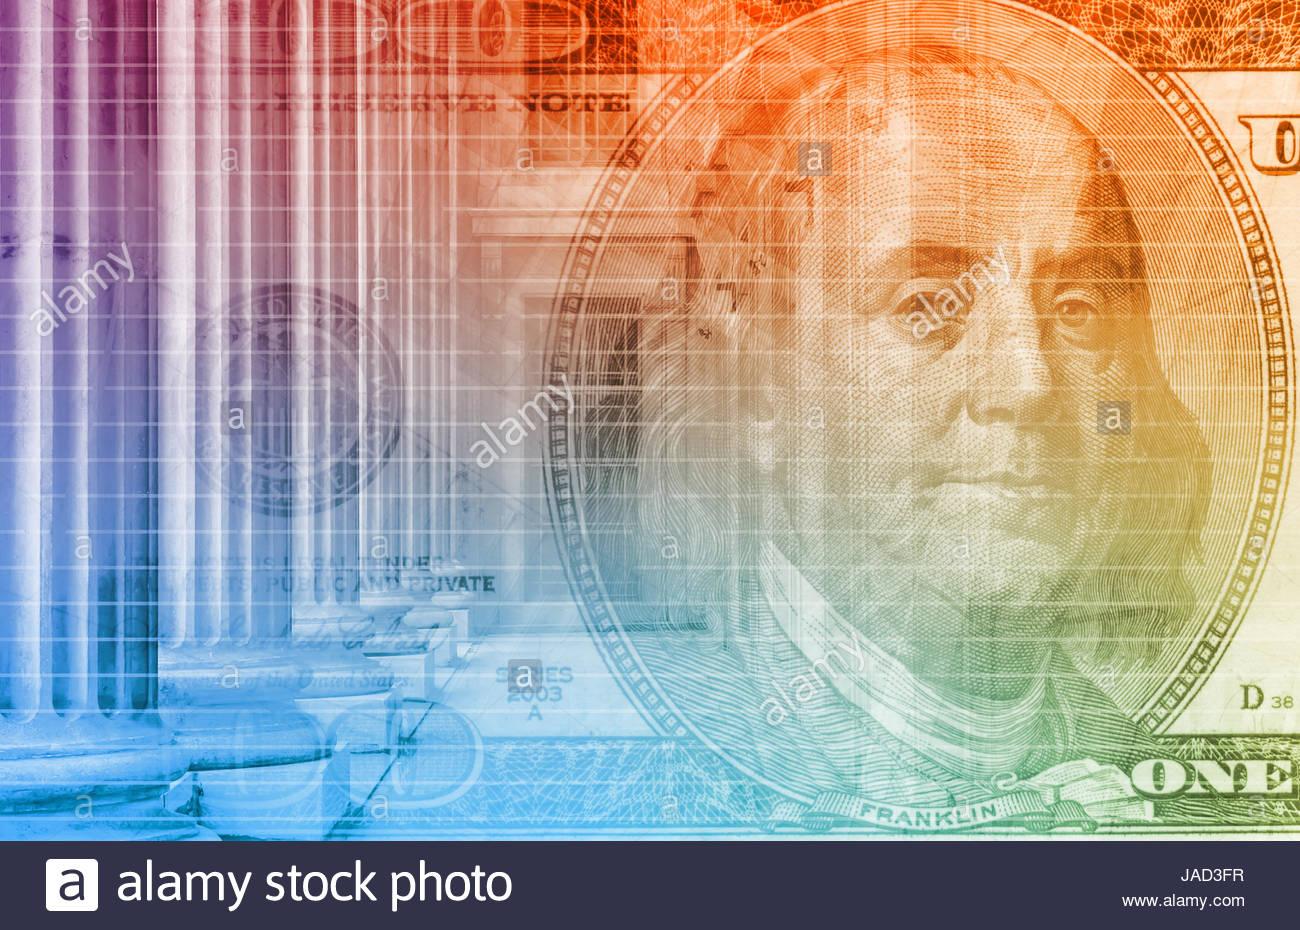 A Finance Spreadsheet Tech Graph Art Background Stock Photo 1300x930